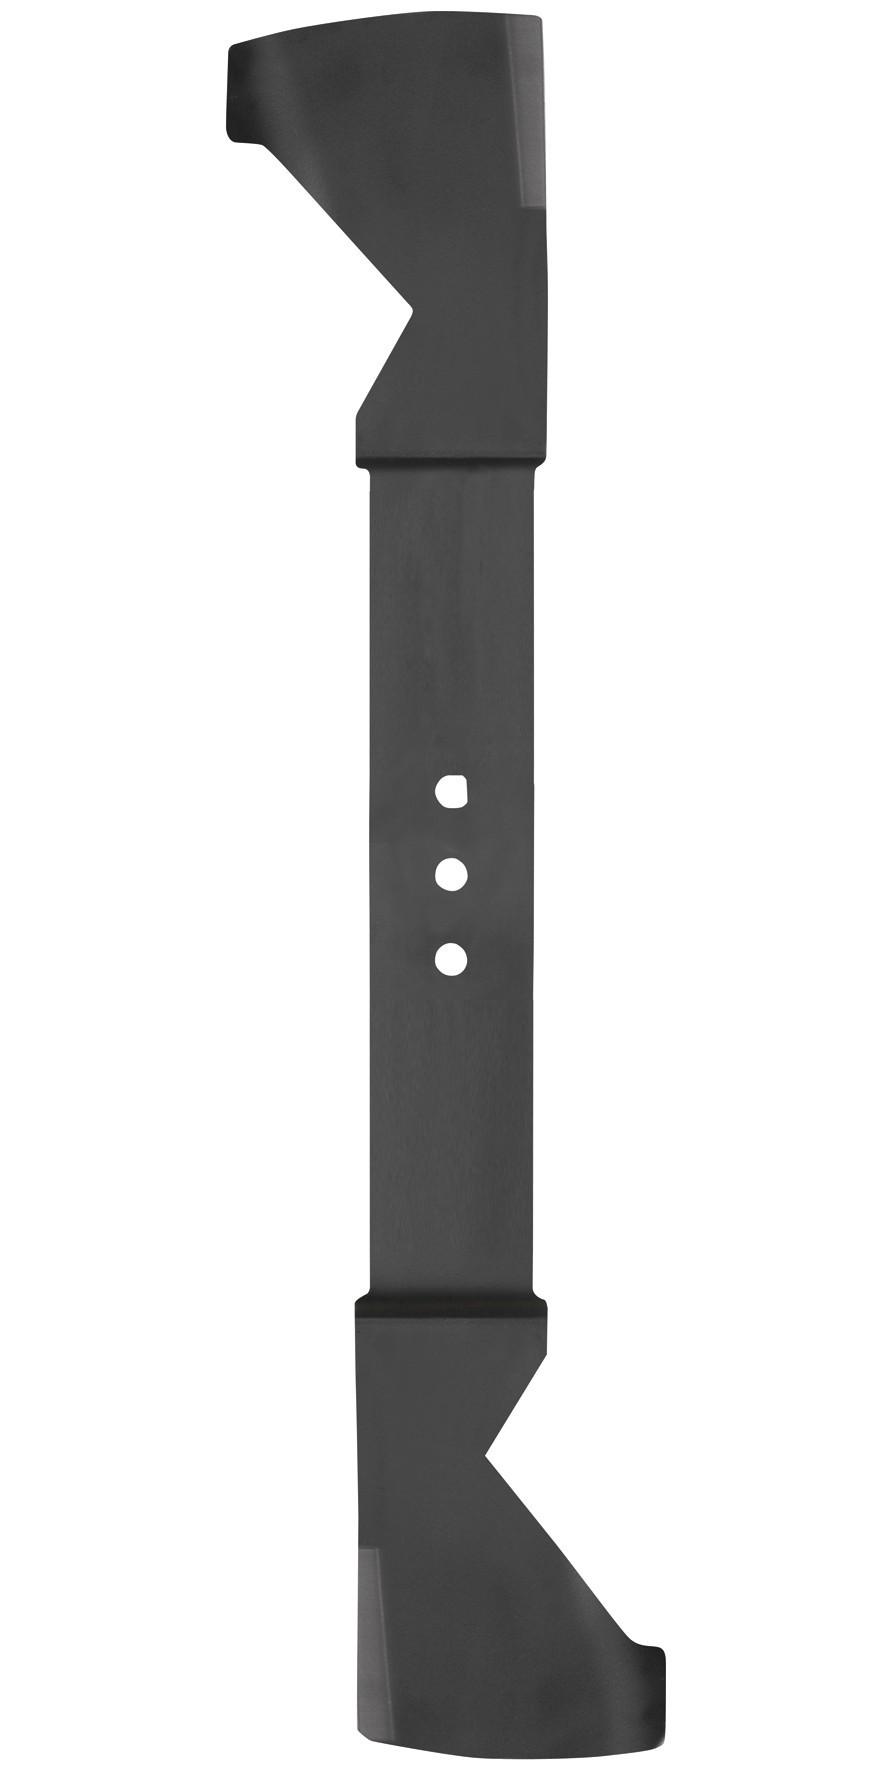 Ersatzmesser für Einhell Benzin Rasenmäher BG-PM 46 P Bild 1